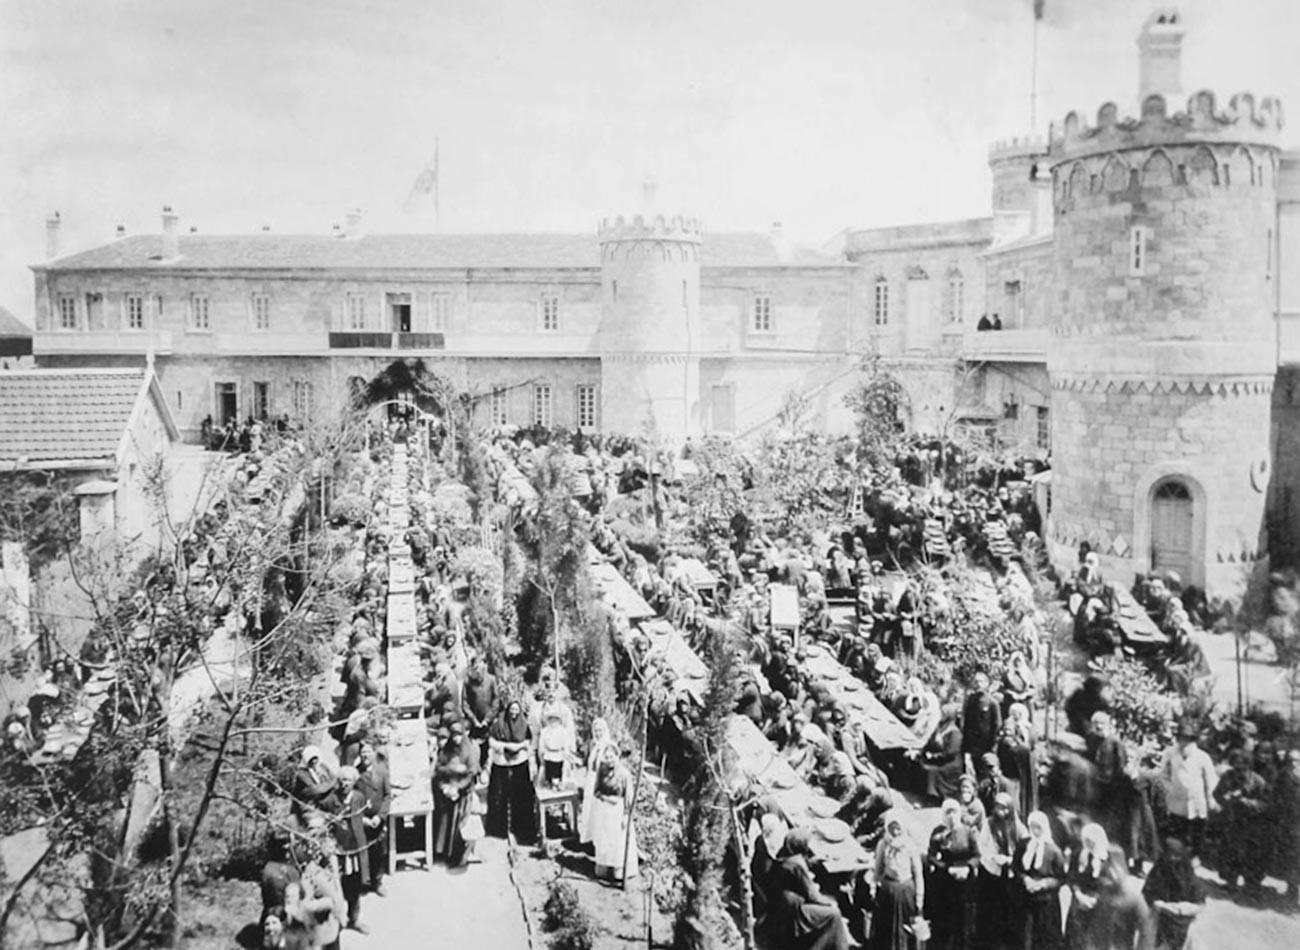 Osterfeiern auf dem russischen Gelände, Ende des 19. Jahrhunderts.